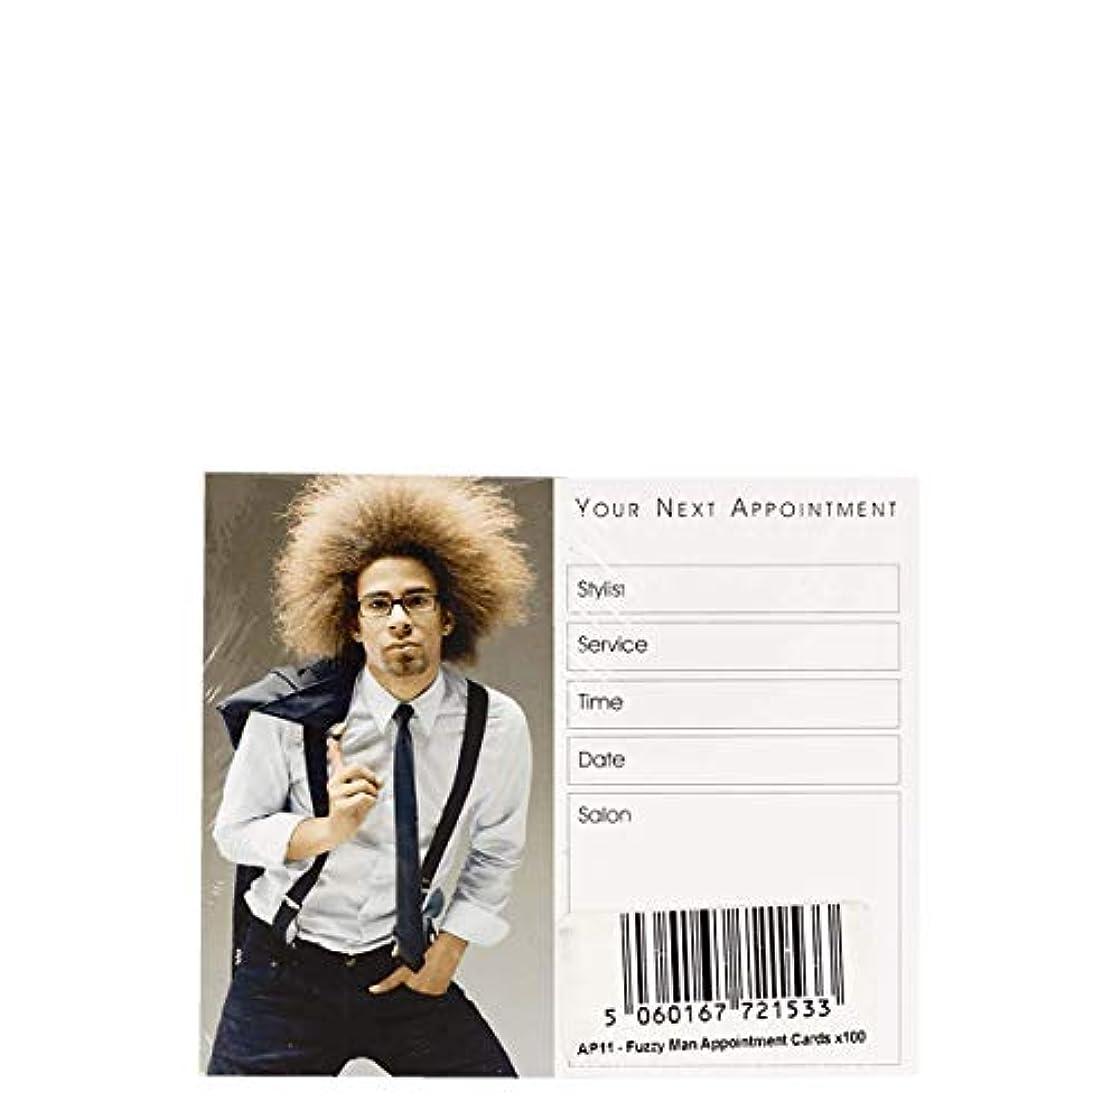 自伝直径ソロアポイントメントカード Appointment Cards- AP11 FUZZY MAN CARDS x100[海外直送品] [並行輸入品]